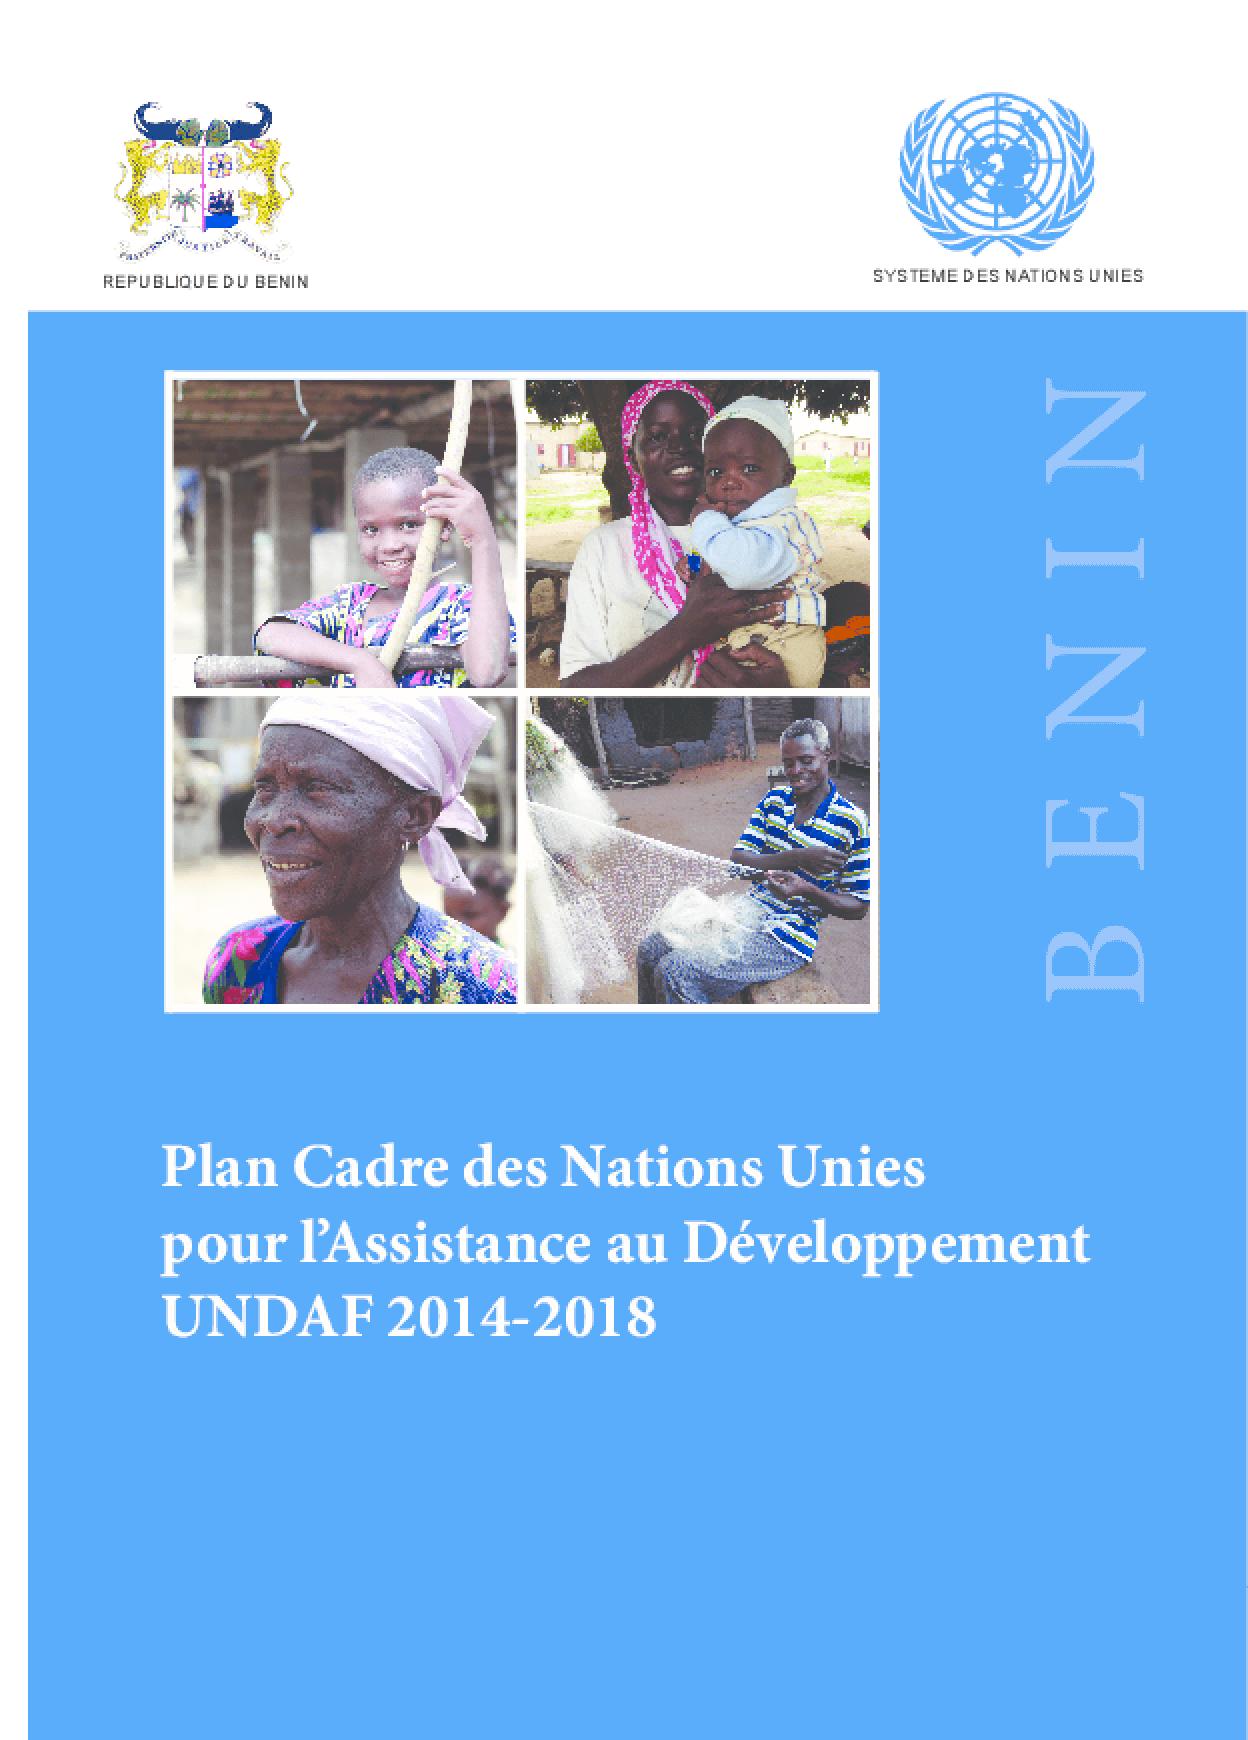 Plan Cadre des Nations Unies Pour L'assistance au Développement du Bénin